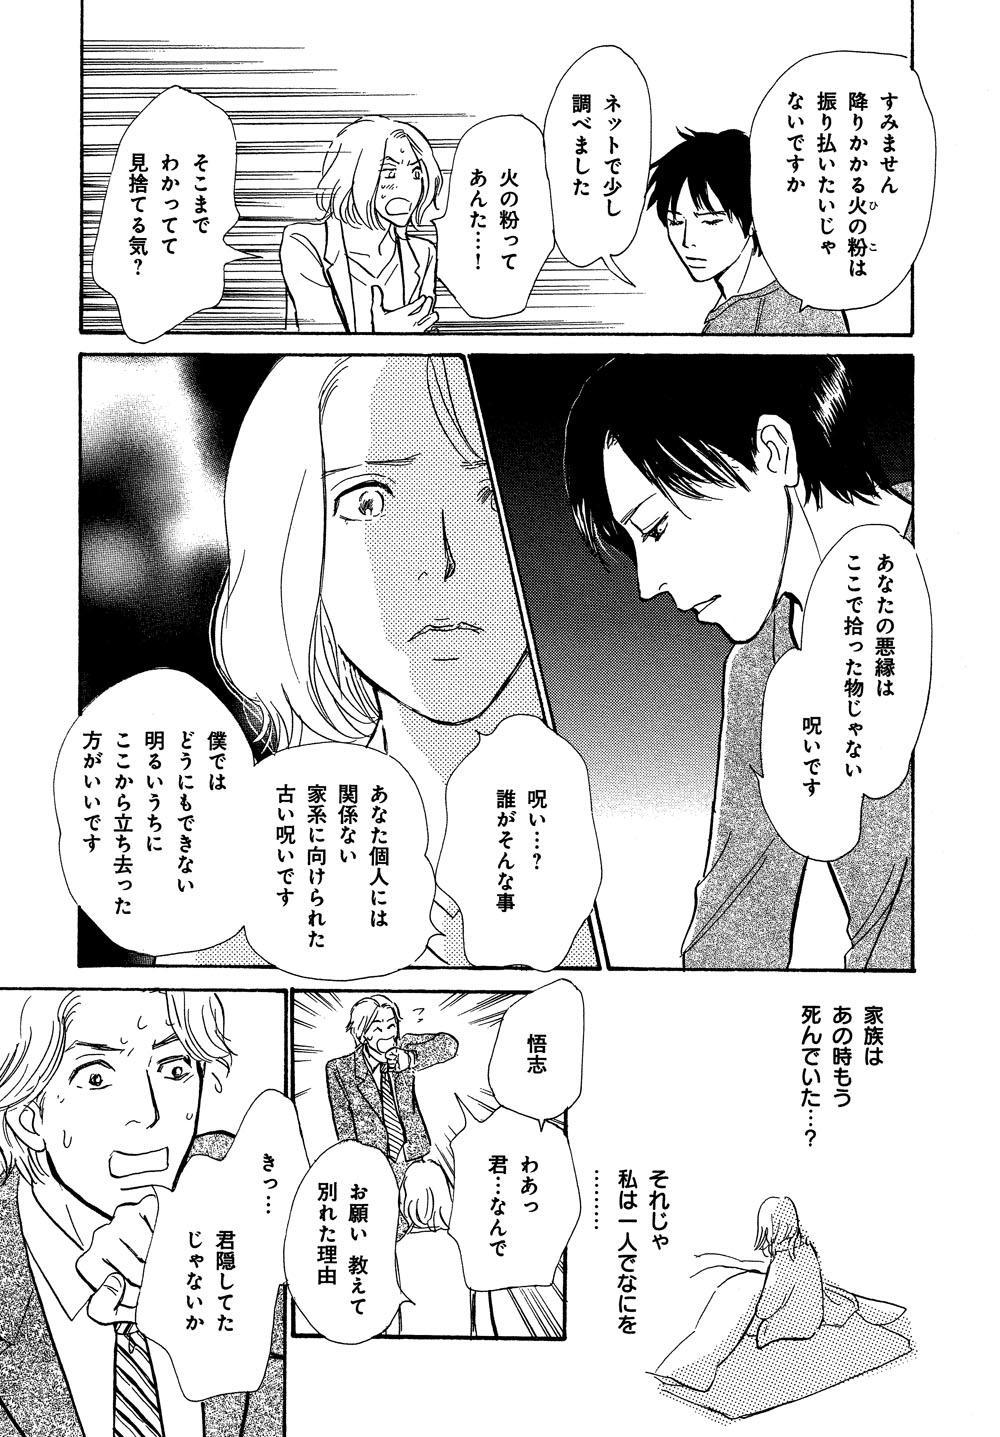 hyakki_0020_0037.jpg